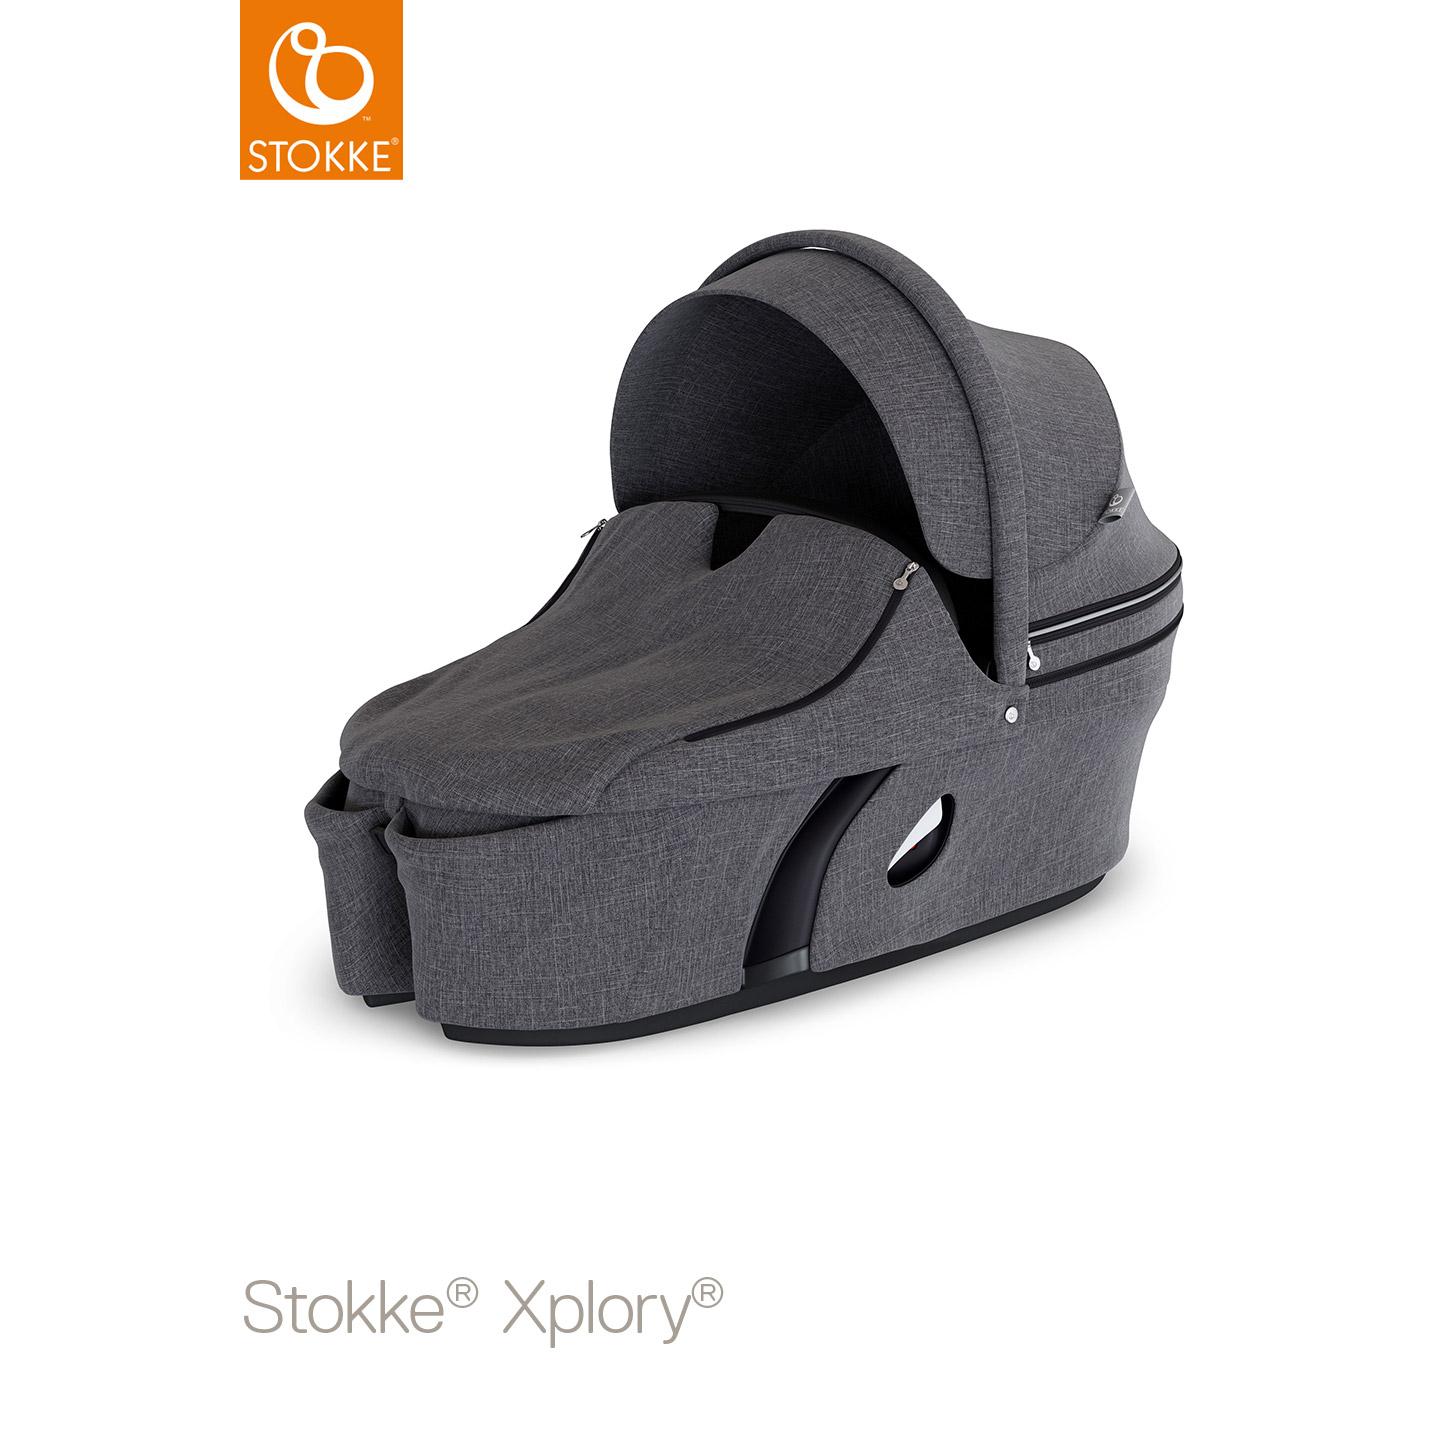 Nacelle Xplory V6